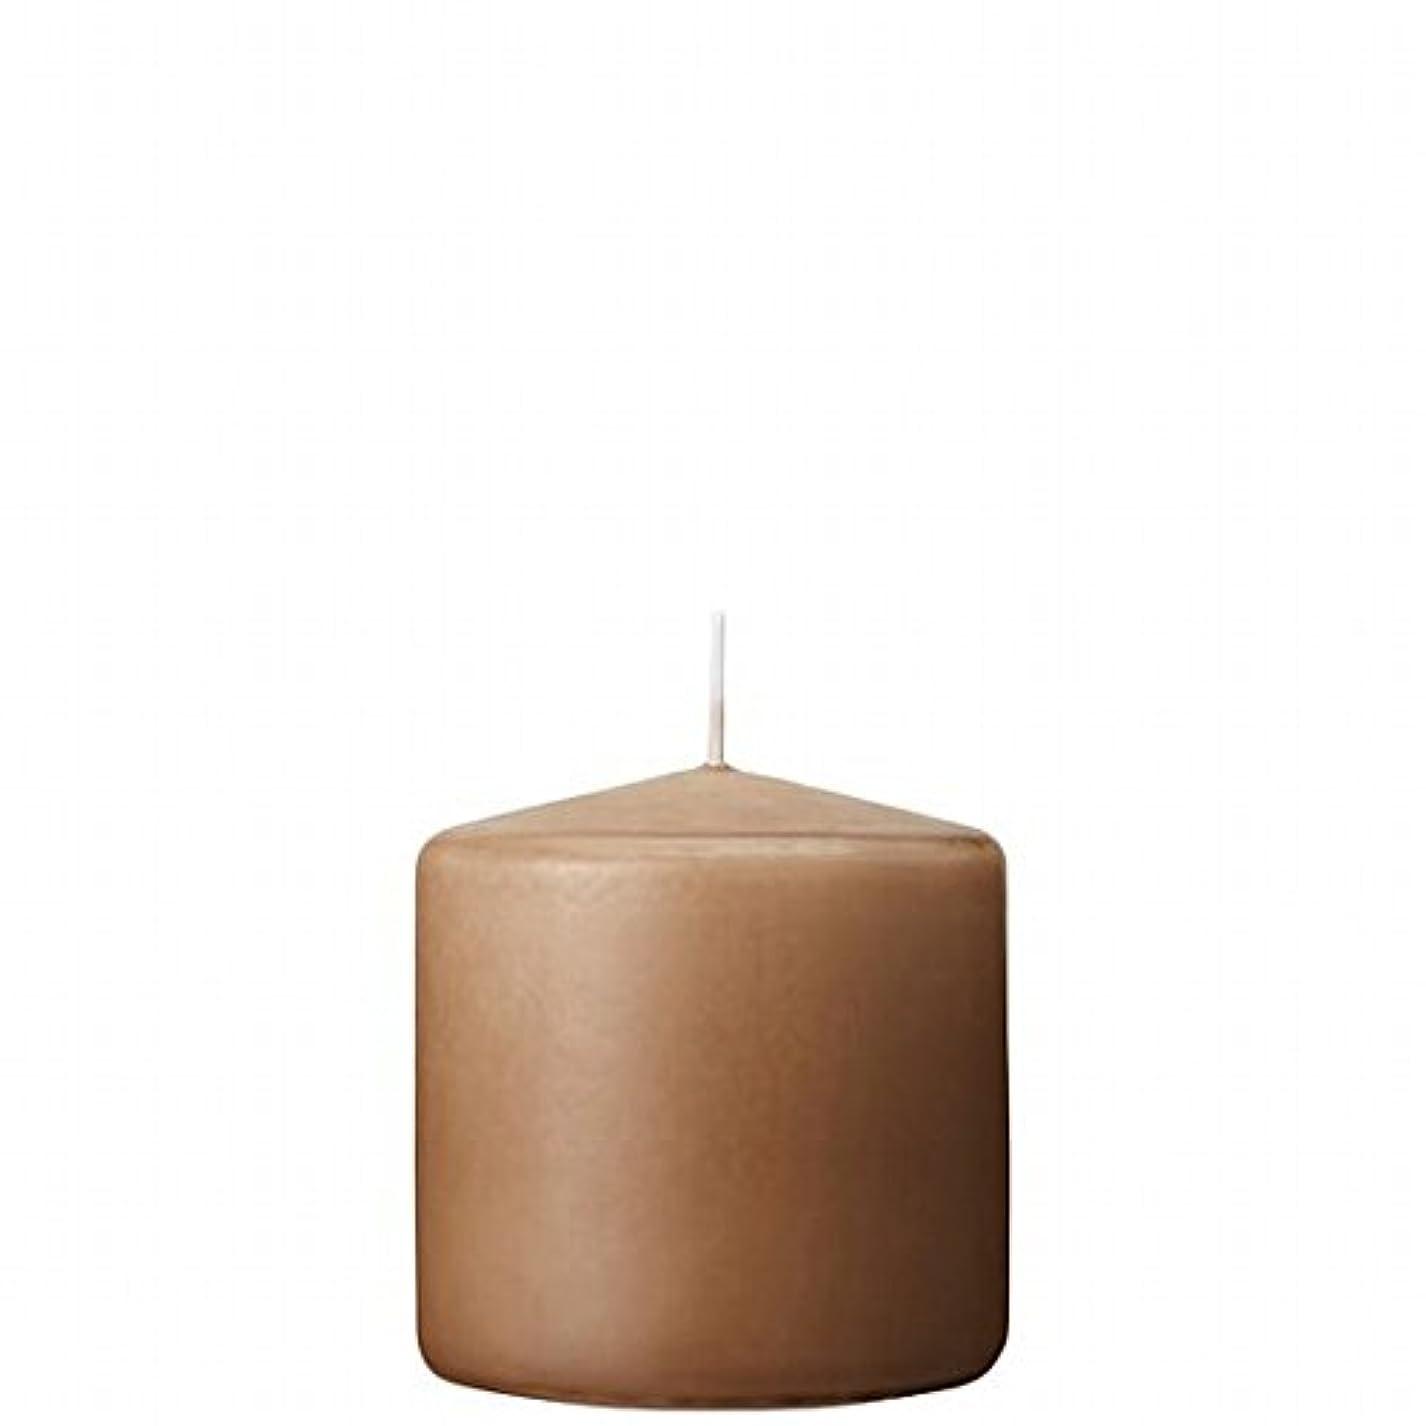 闇みなす電話するカメヤマキャンドル( kameyama candle ) 3×3ベルトップピラーキャンドル 「 モカ 」